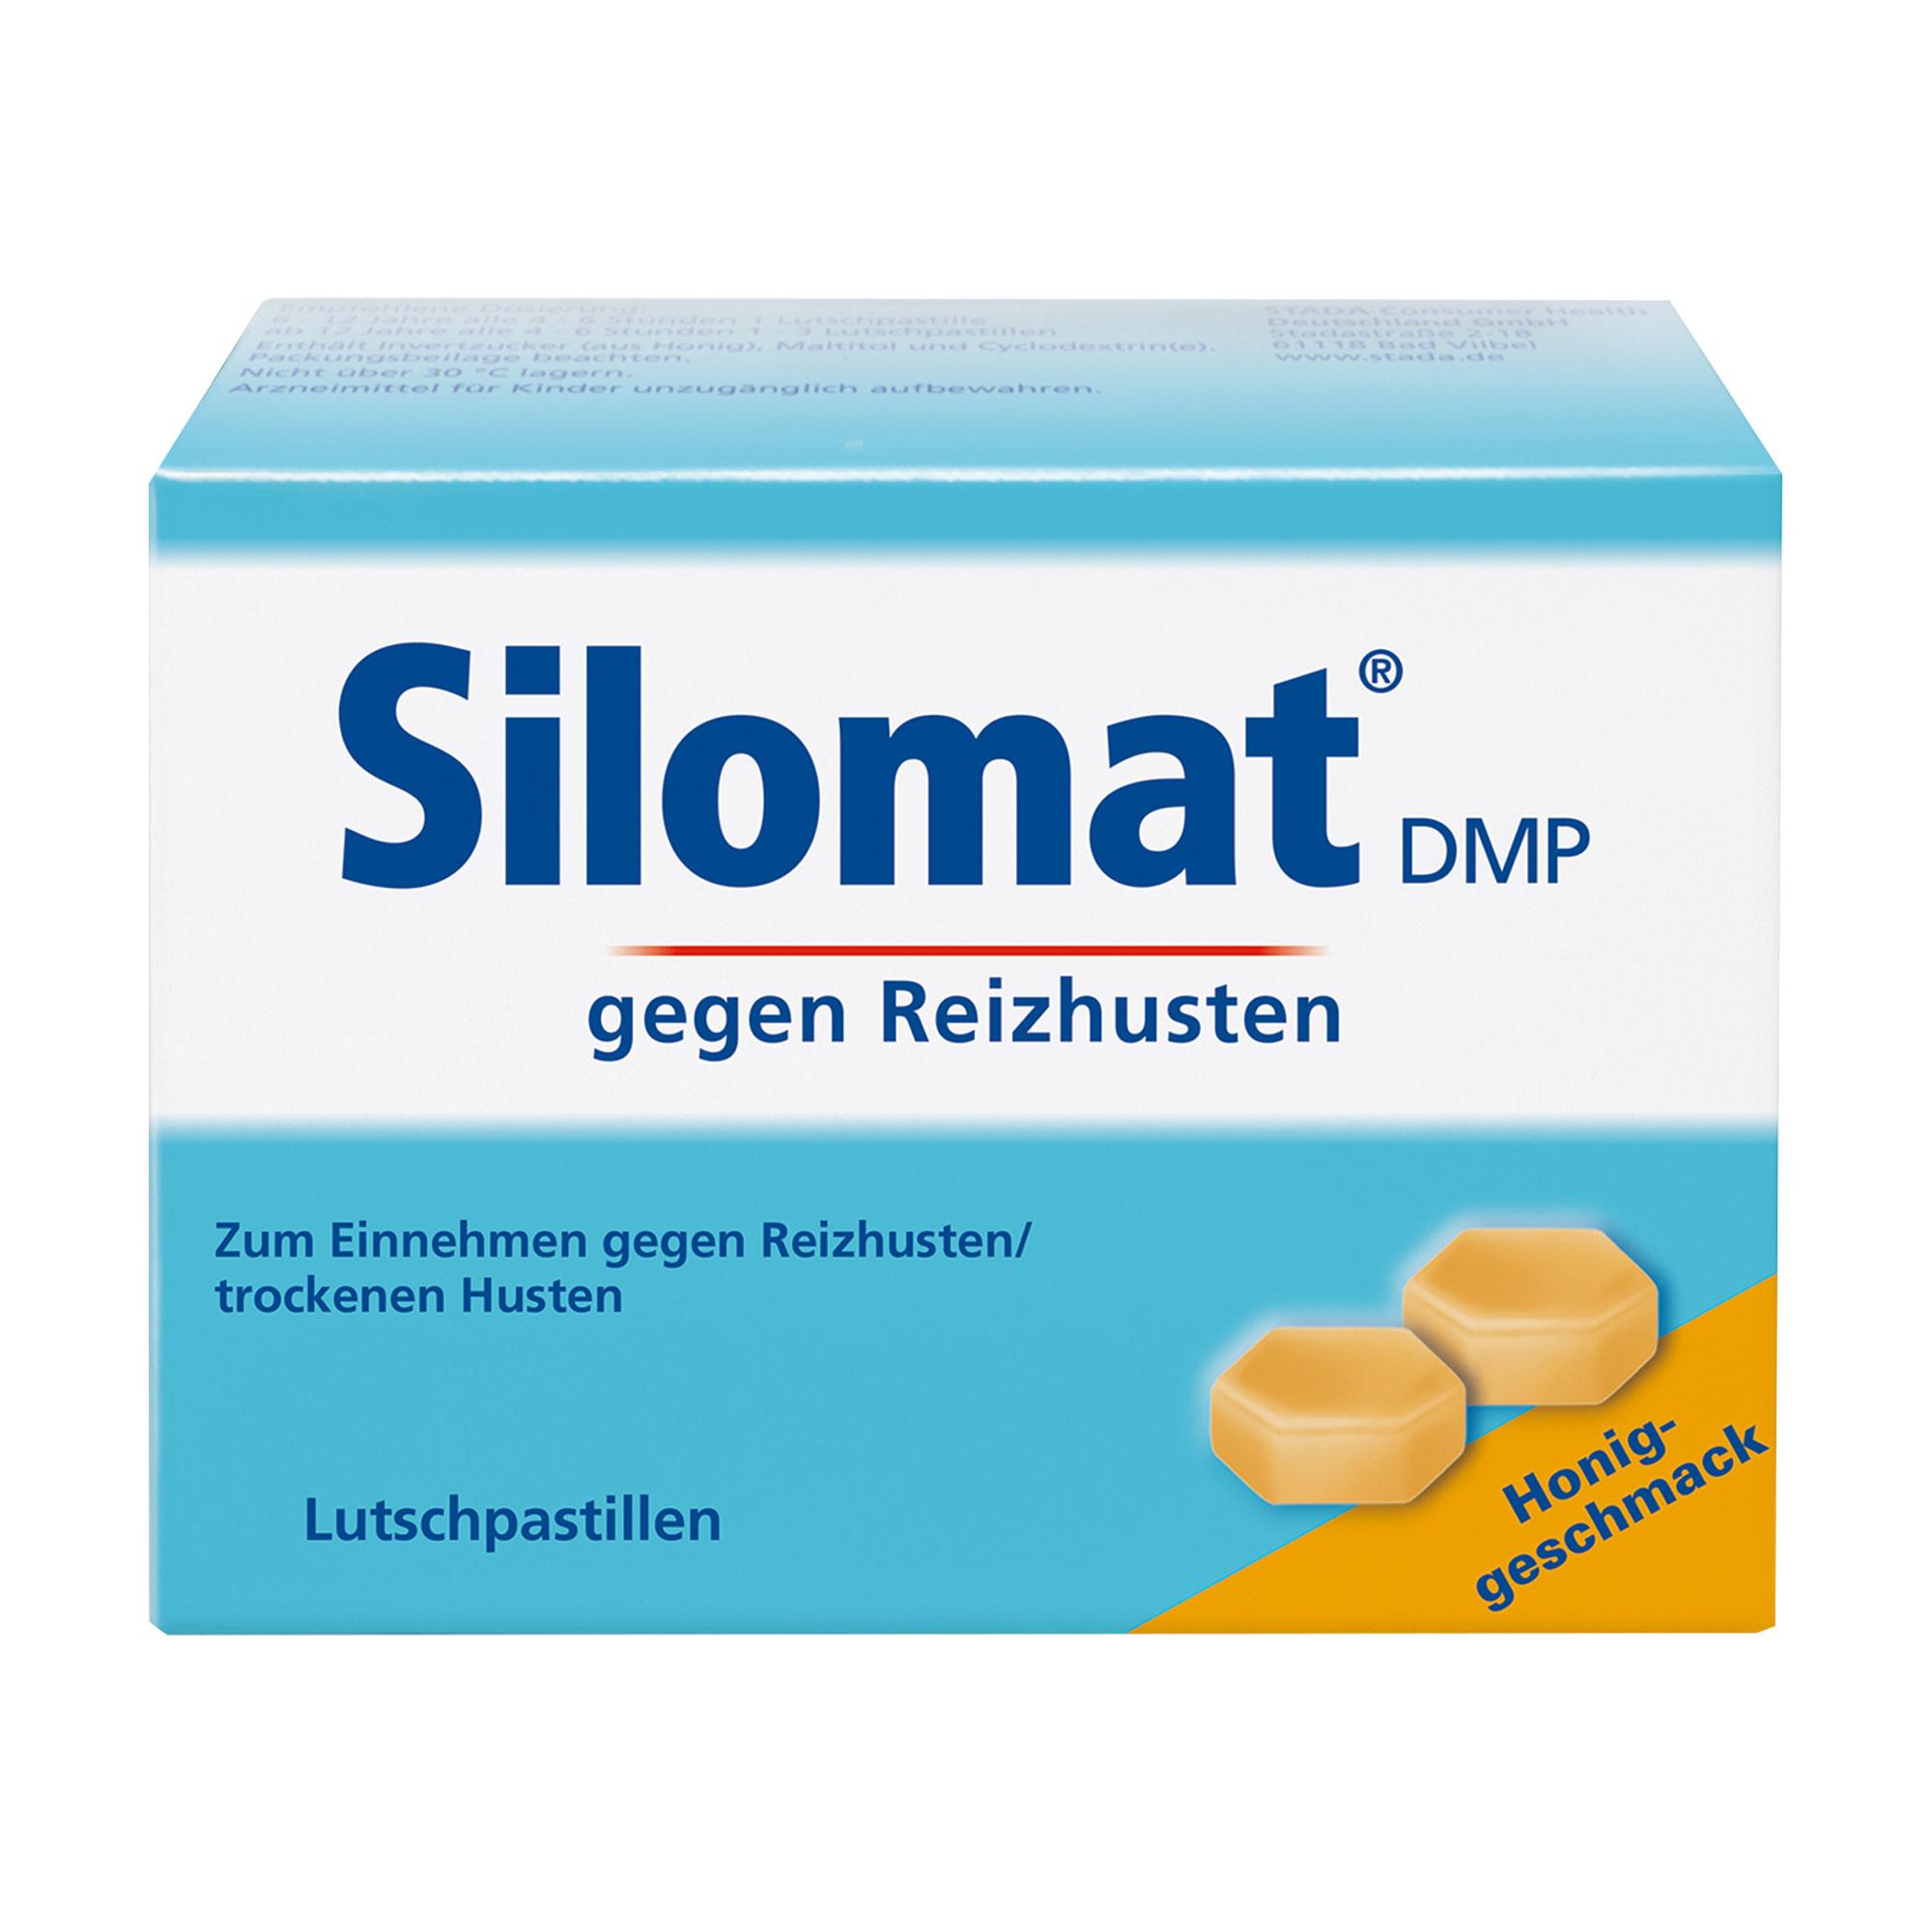 Silomat DMP gegen Reizhusten Lutschpastillen mit Honig